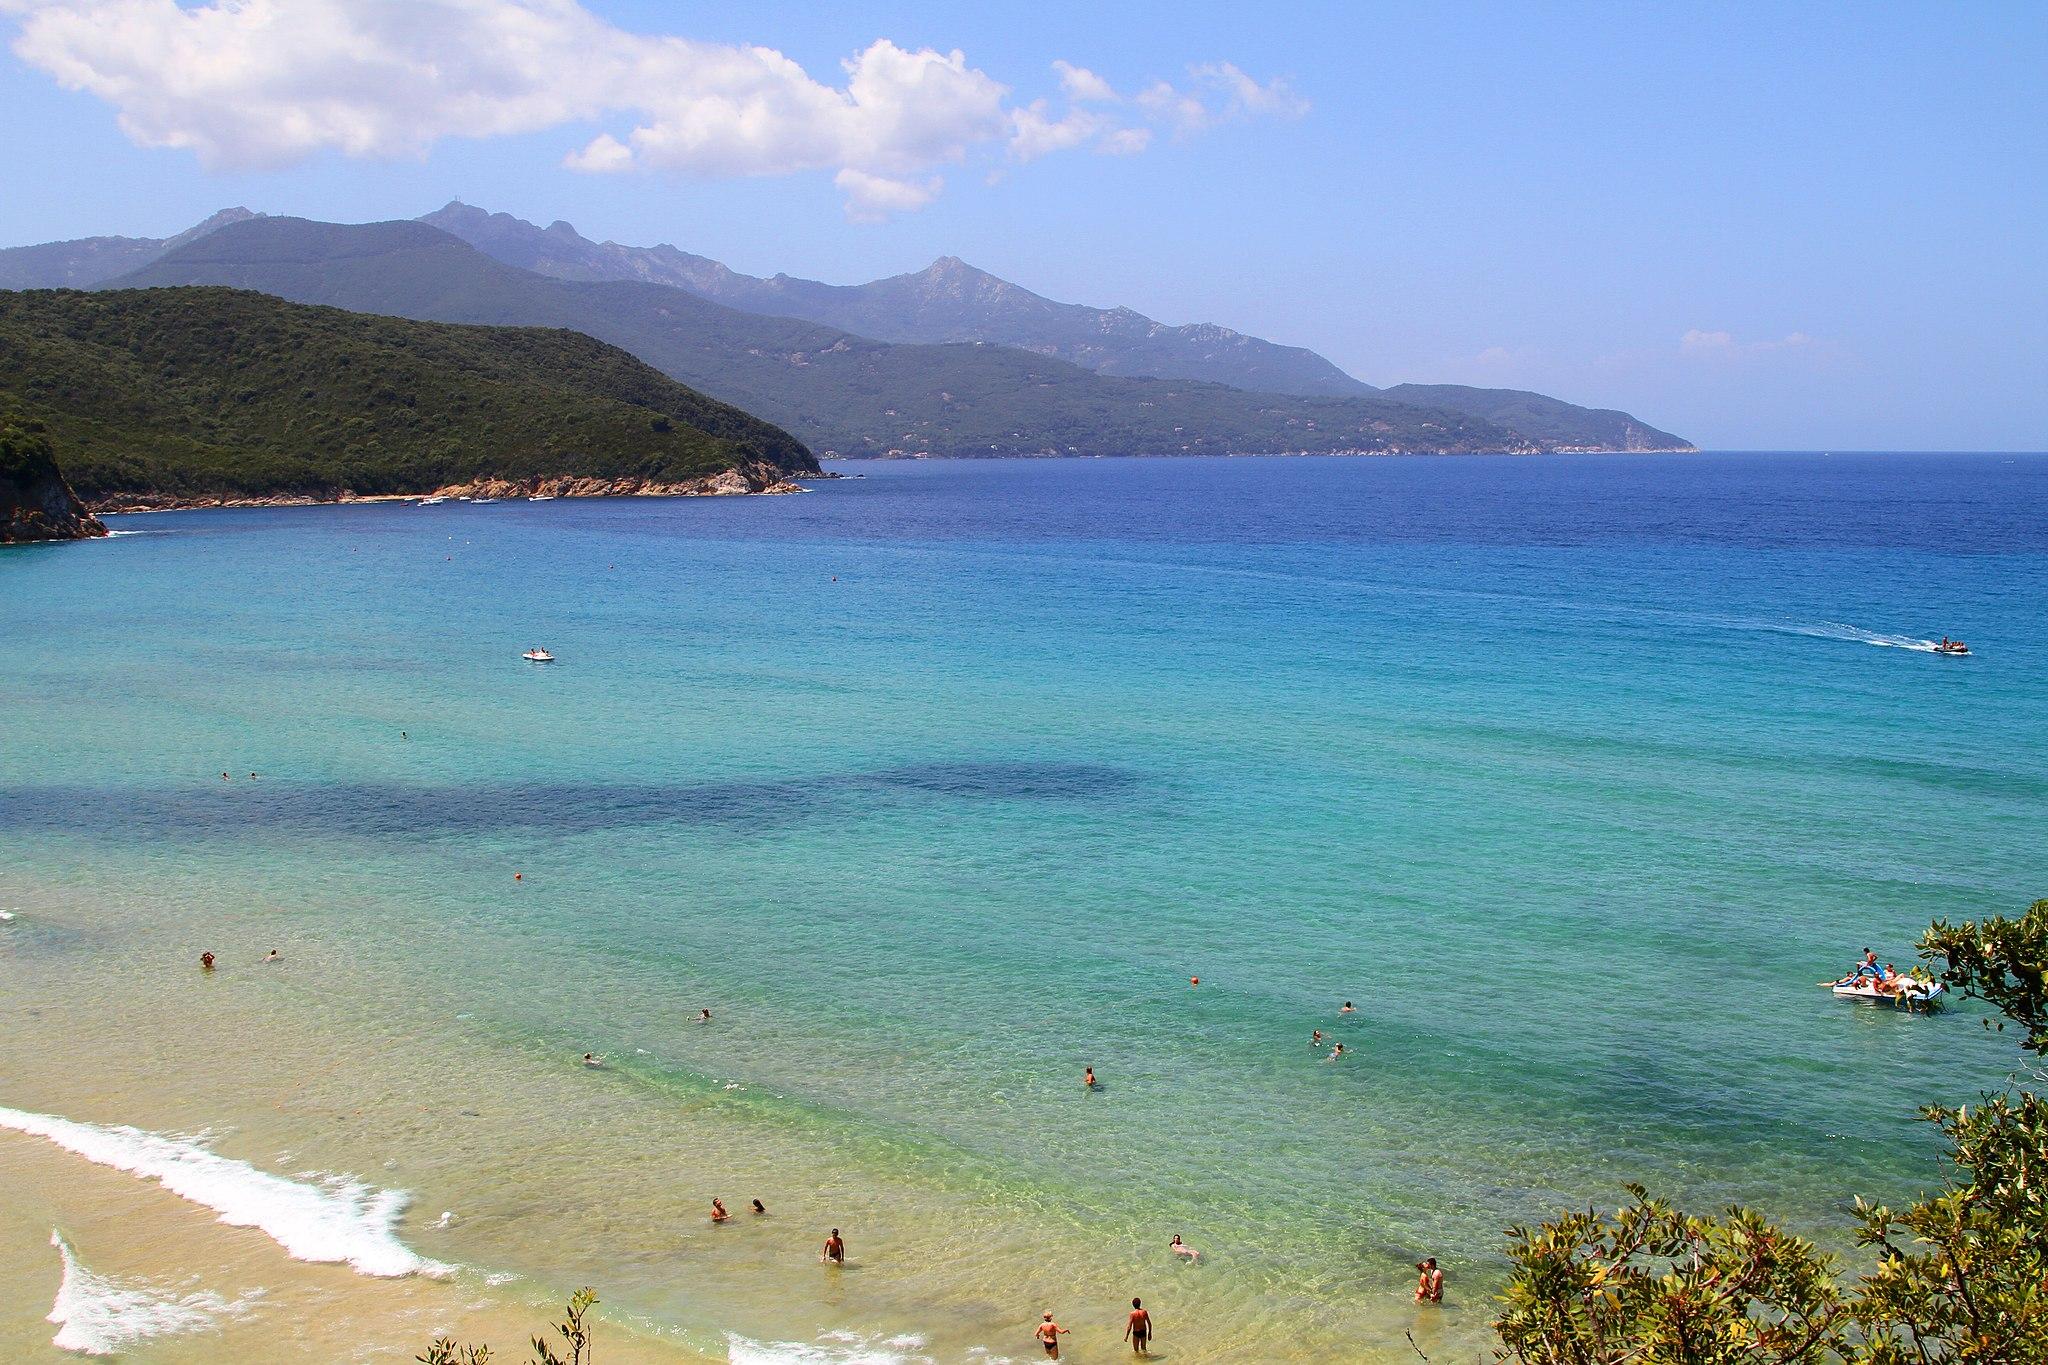 Spiaggia della Biodola, Elba - panoramio